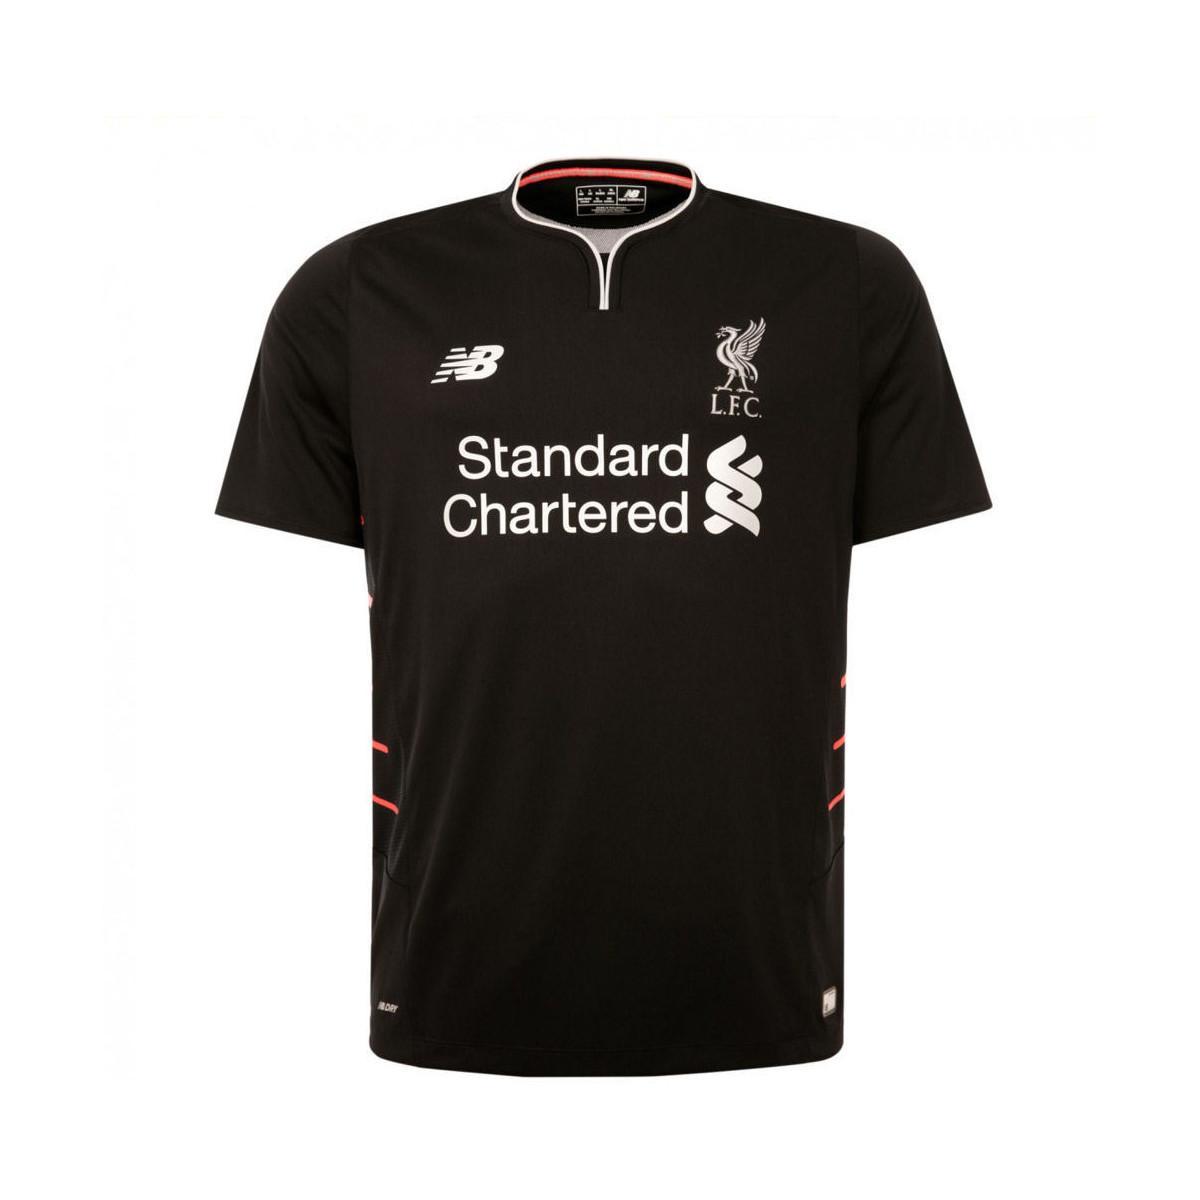 New Liverpool Shirt 2016 10 Kids coutinho Away 17 Balance qr6wfatr